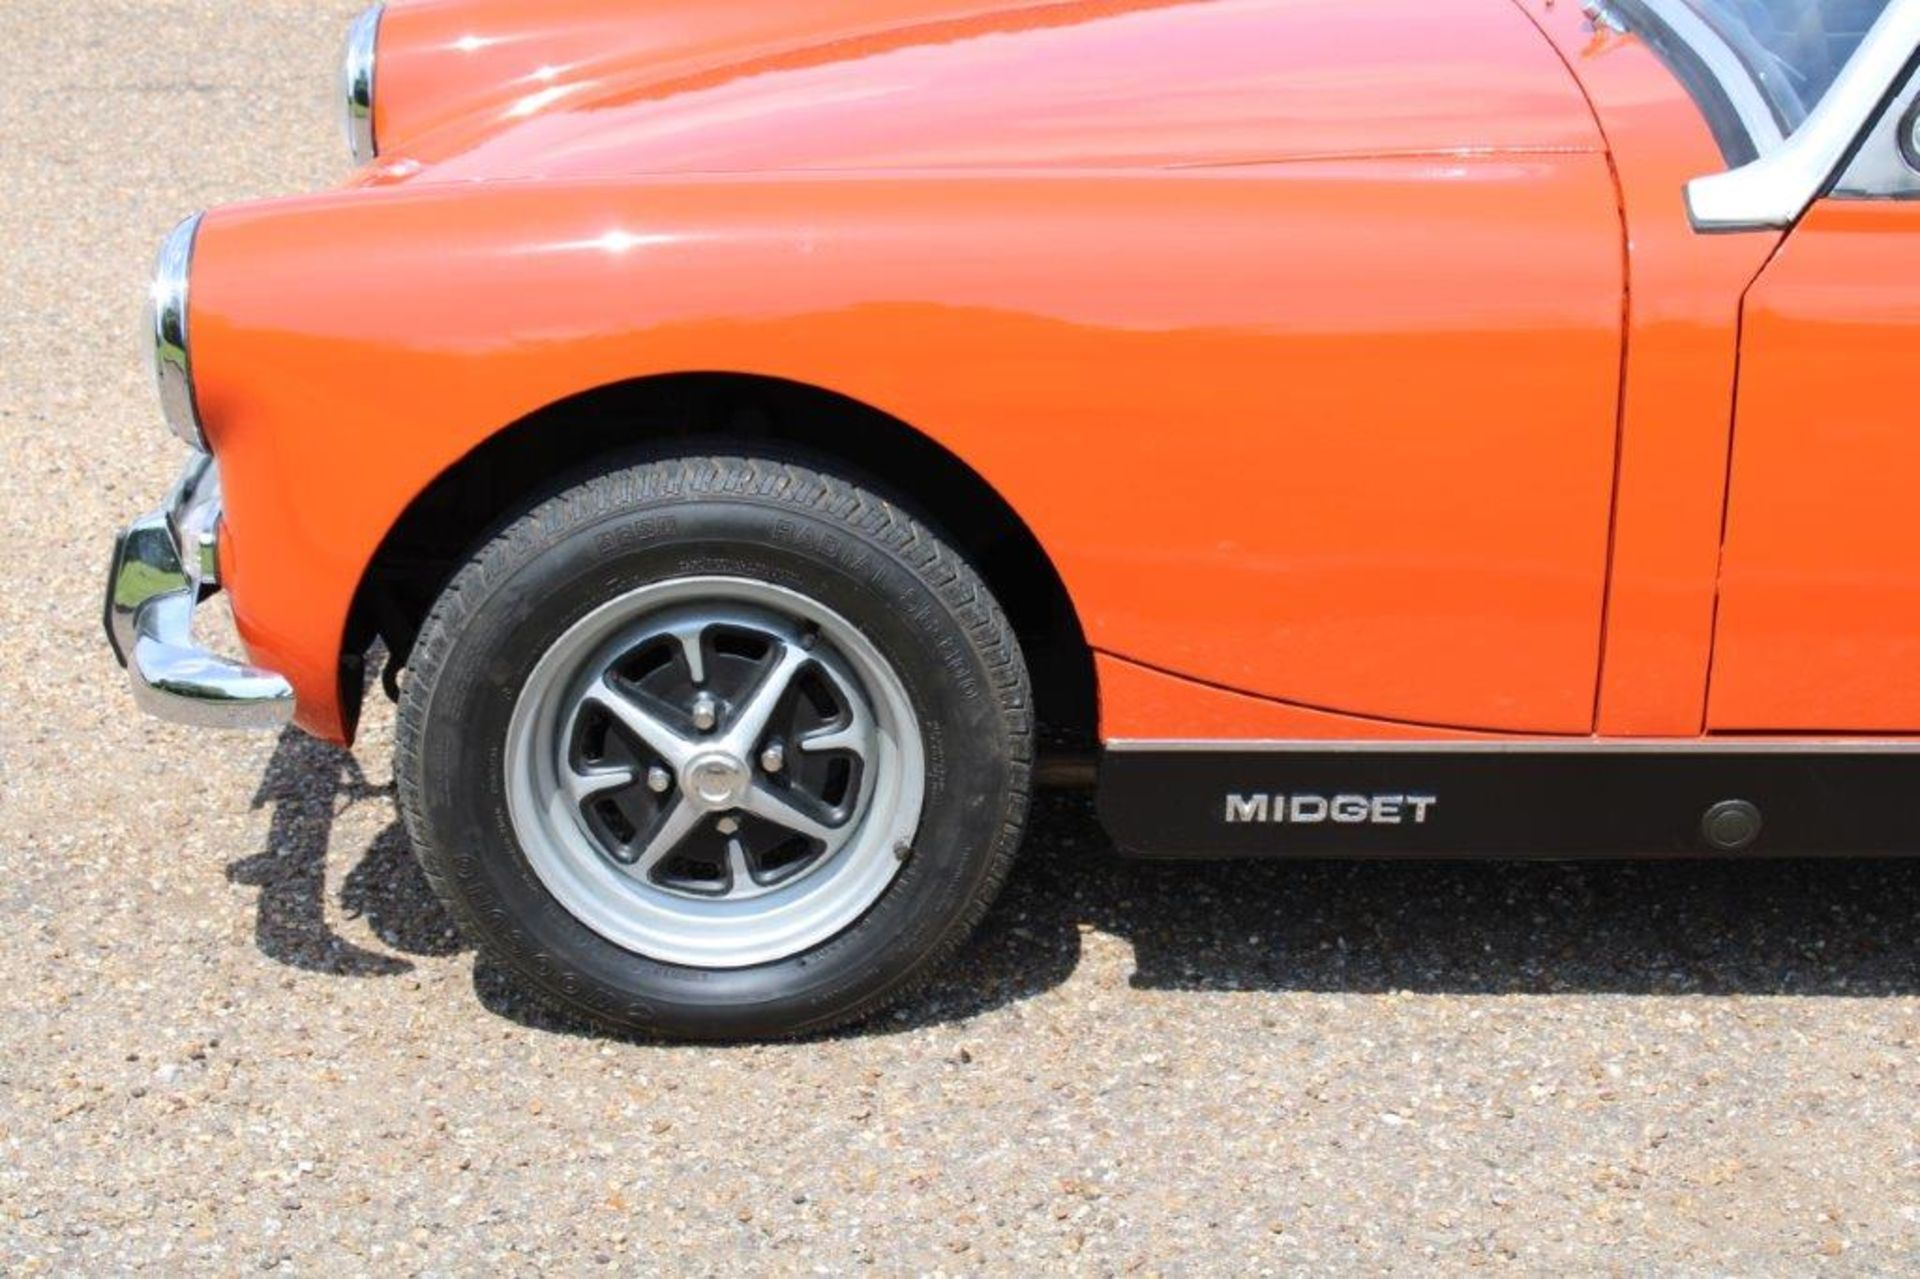 1974 MG Midget MK III - Image 4 of 30